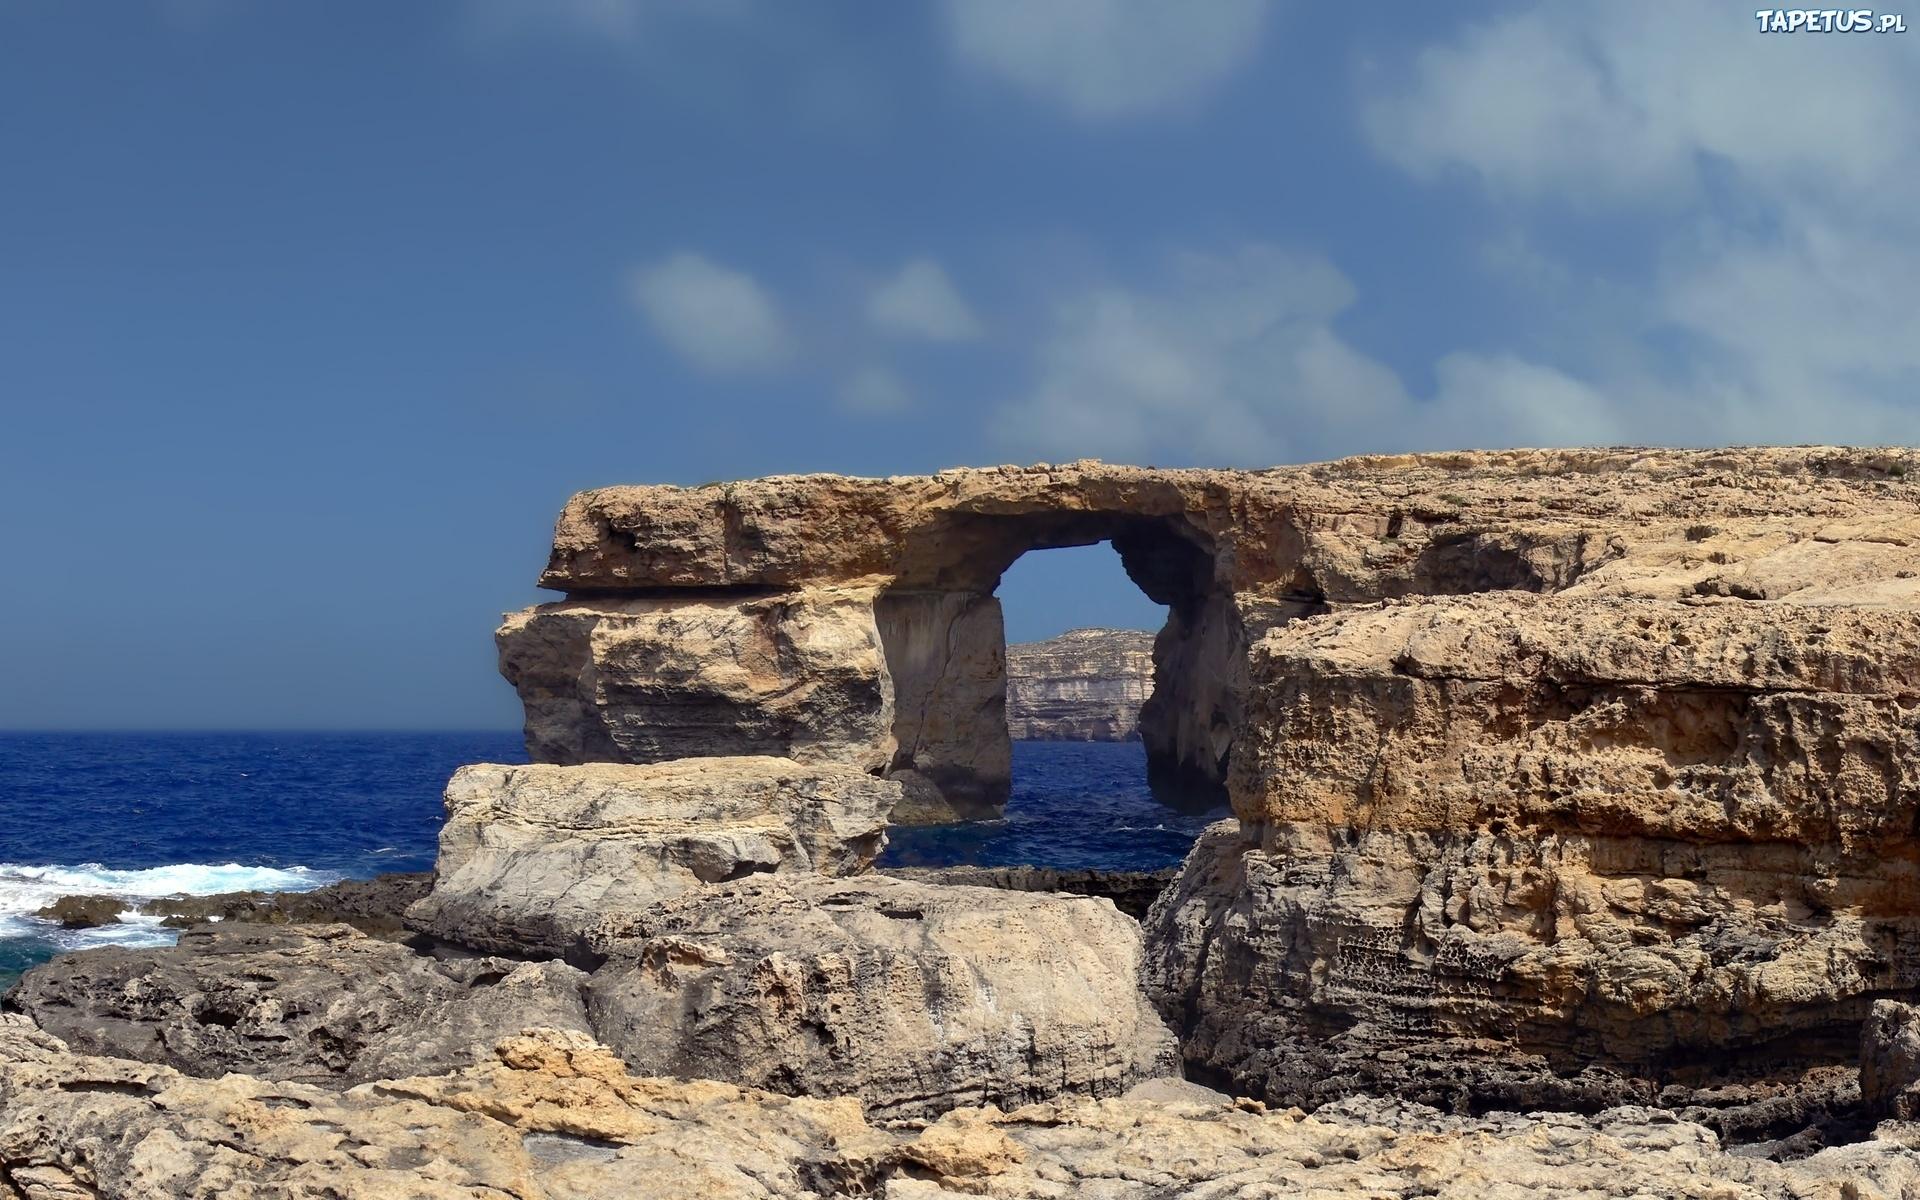 Скала с аркой в море загрузить